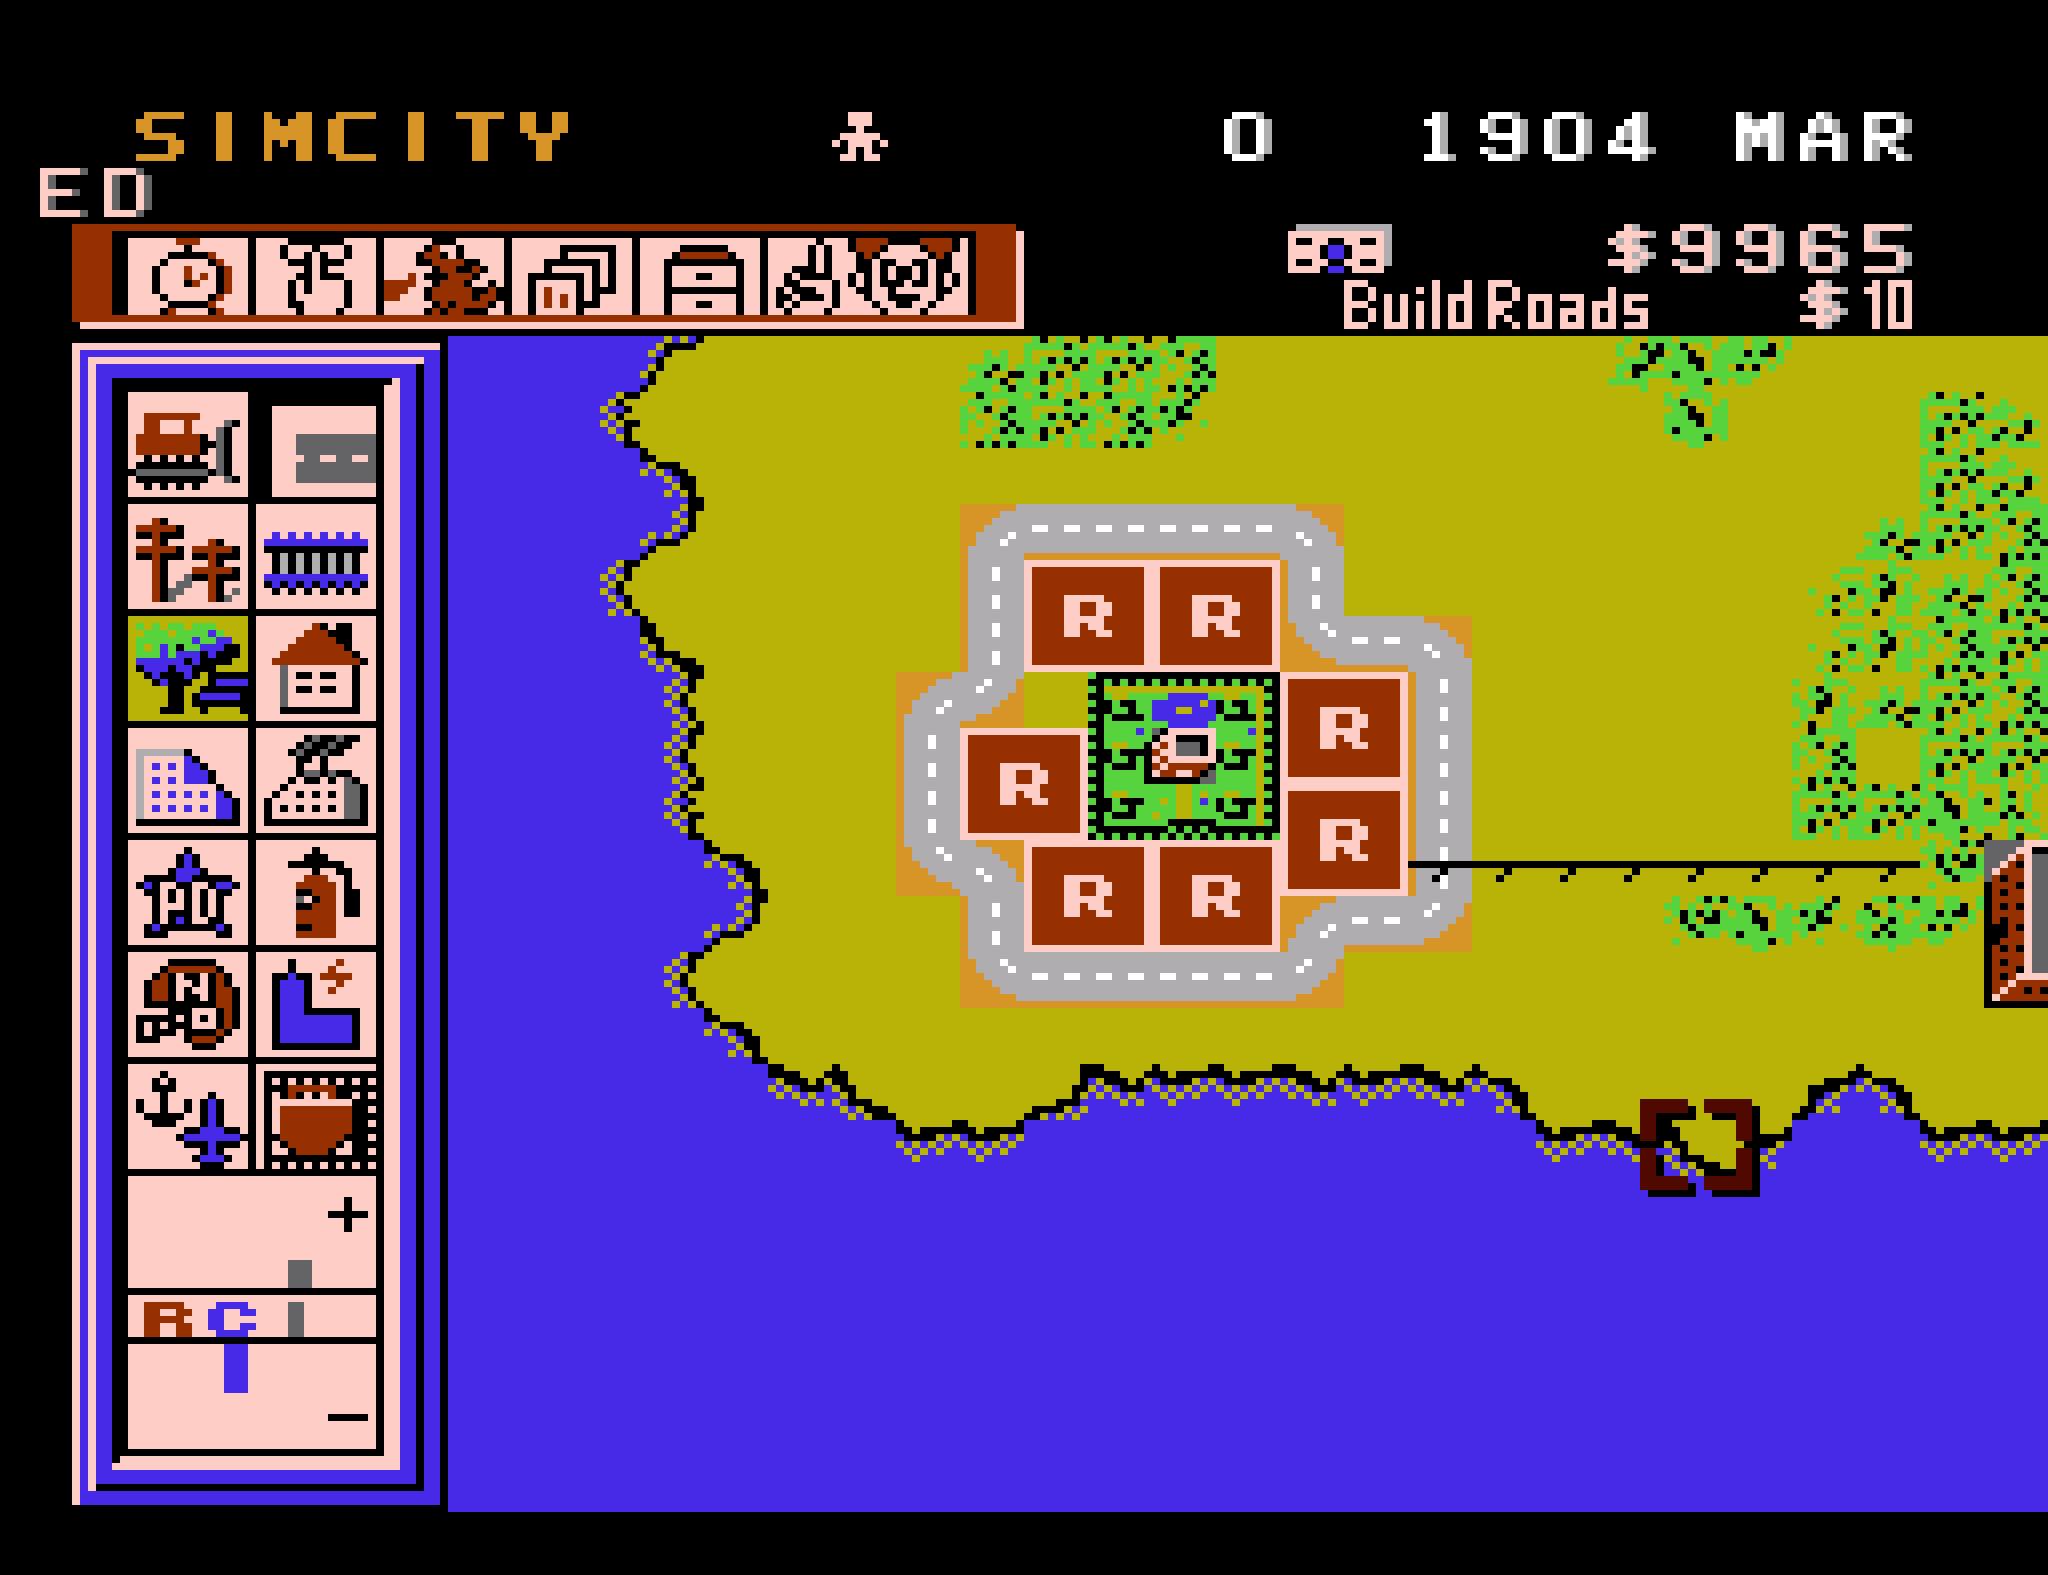 Как «цифровые археологи» обнаружили утерянную версию SimCity для NES и восстановили ее - 5